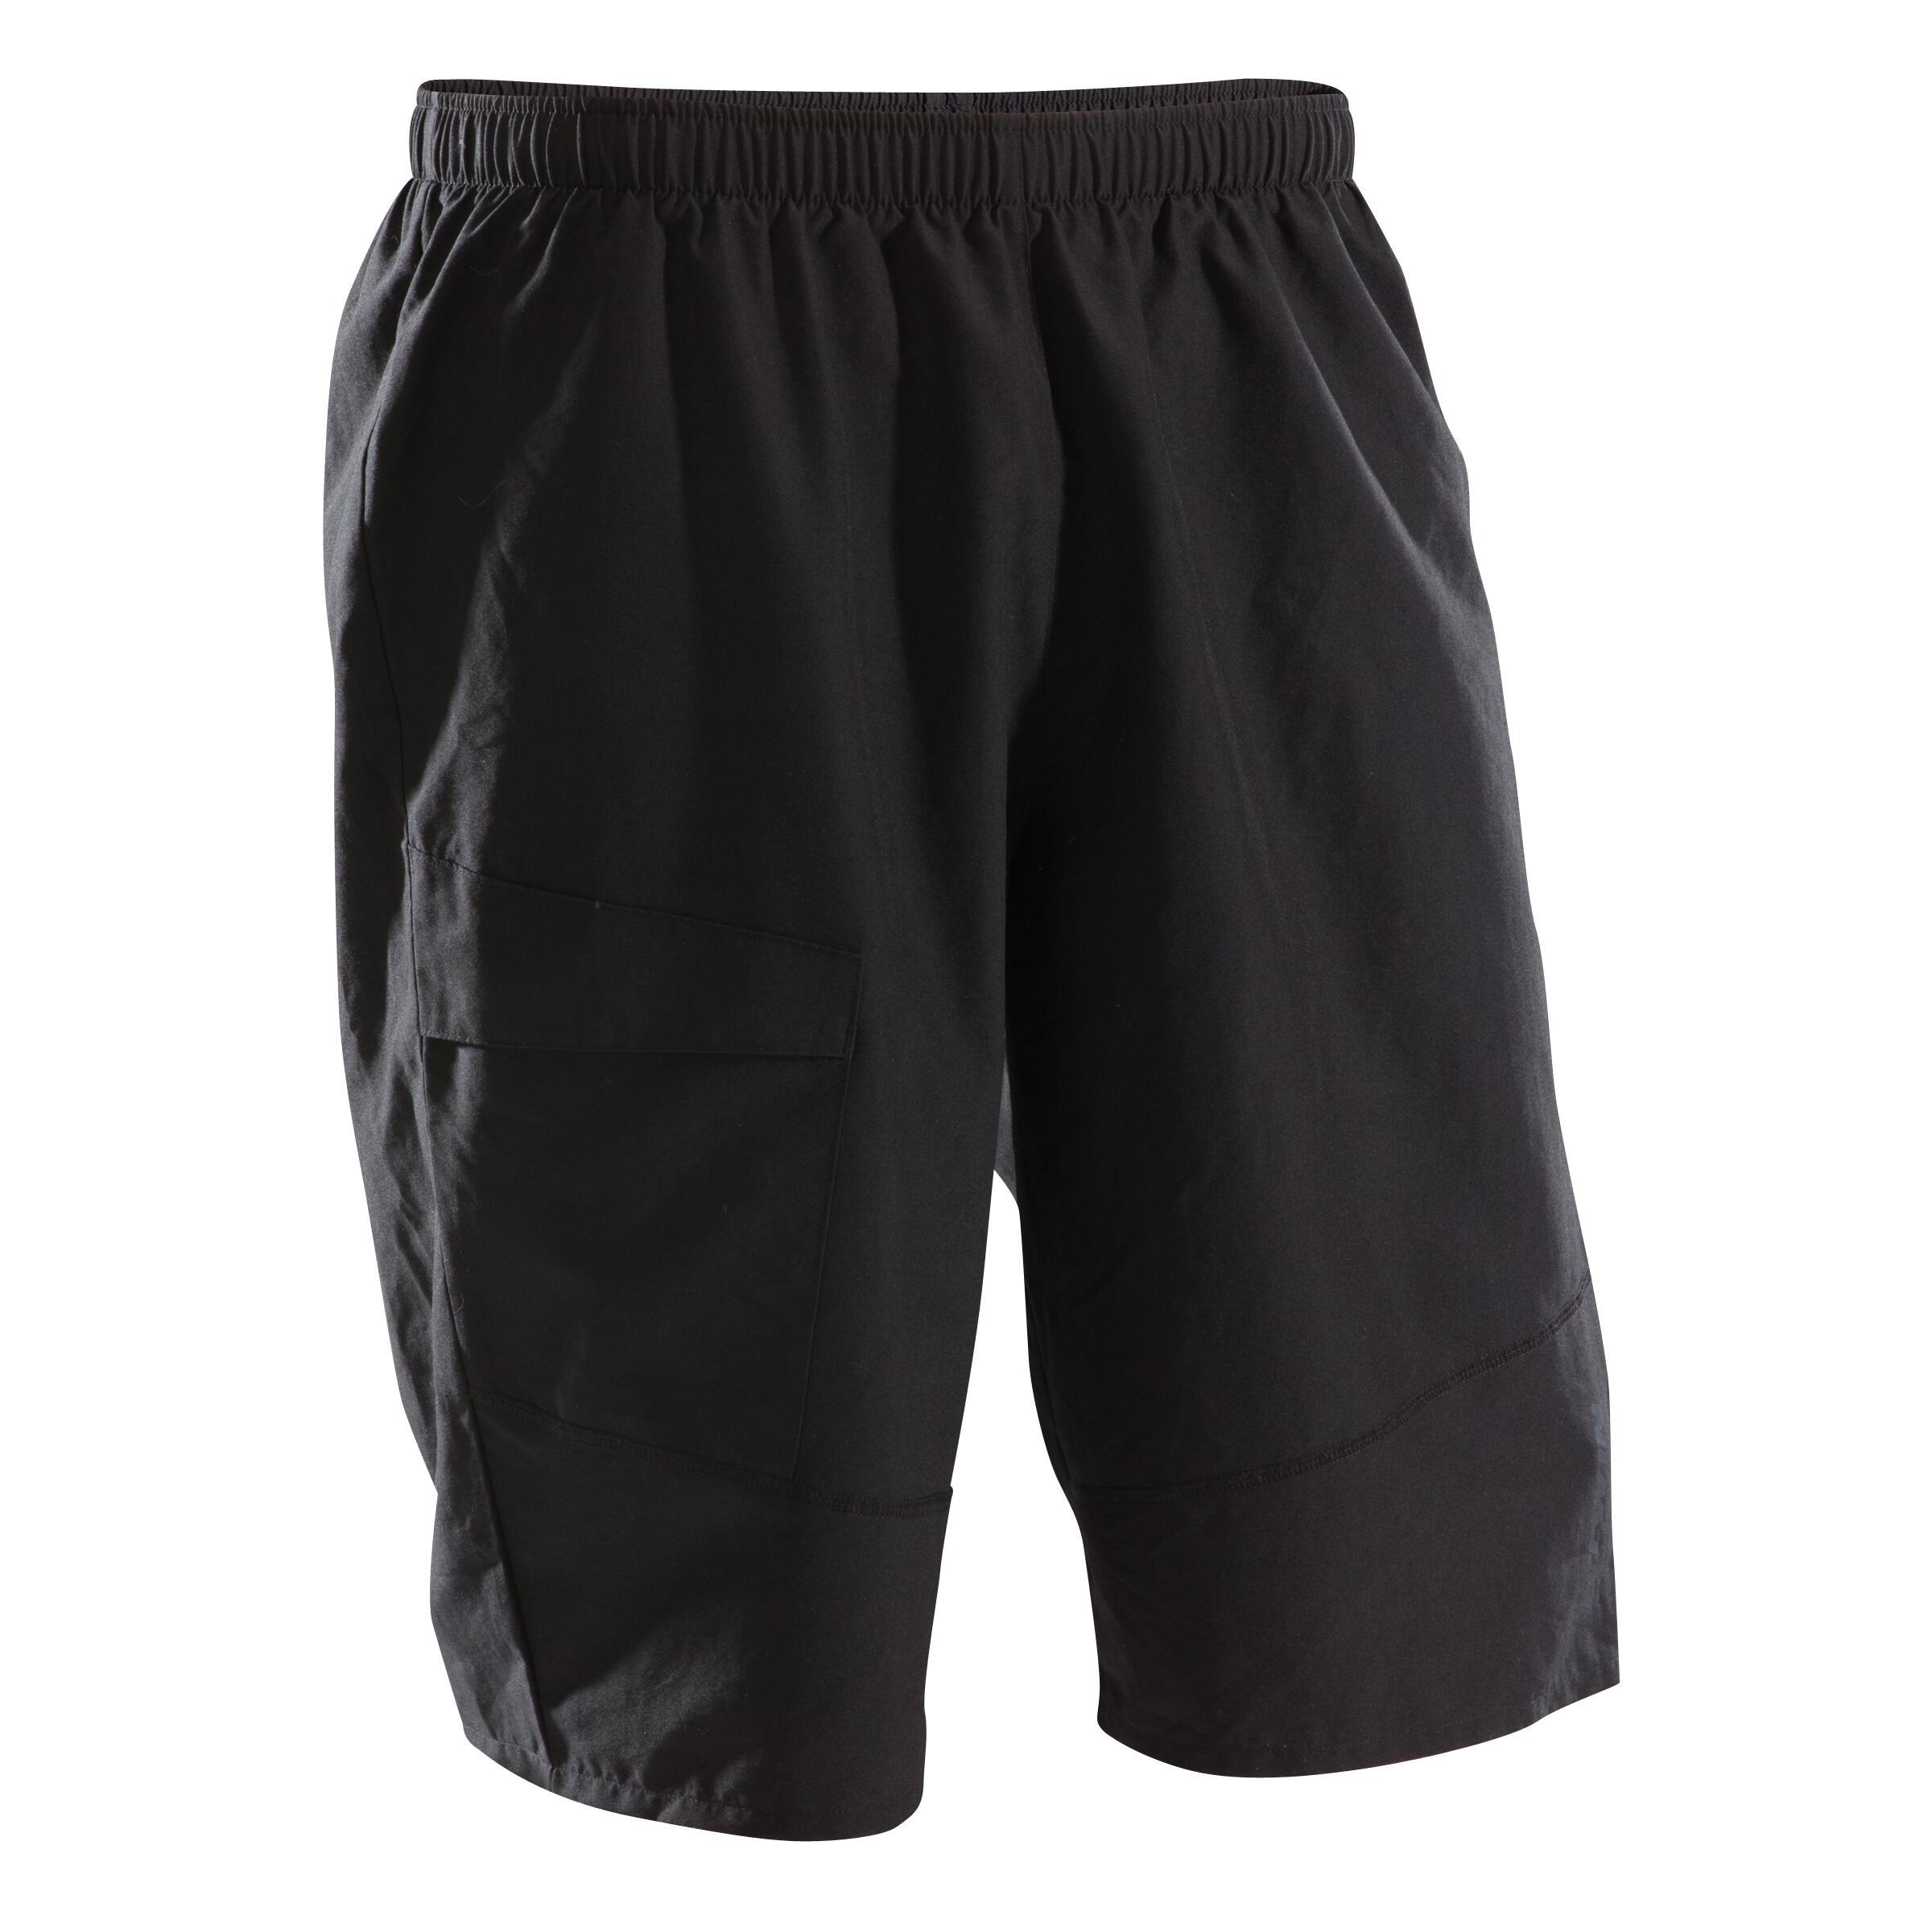 Short negro para hombre BTT ST 100